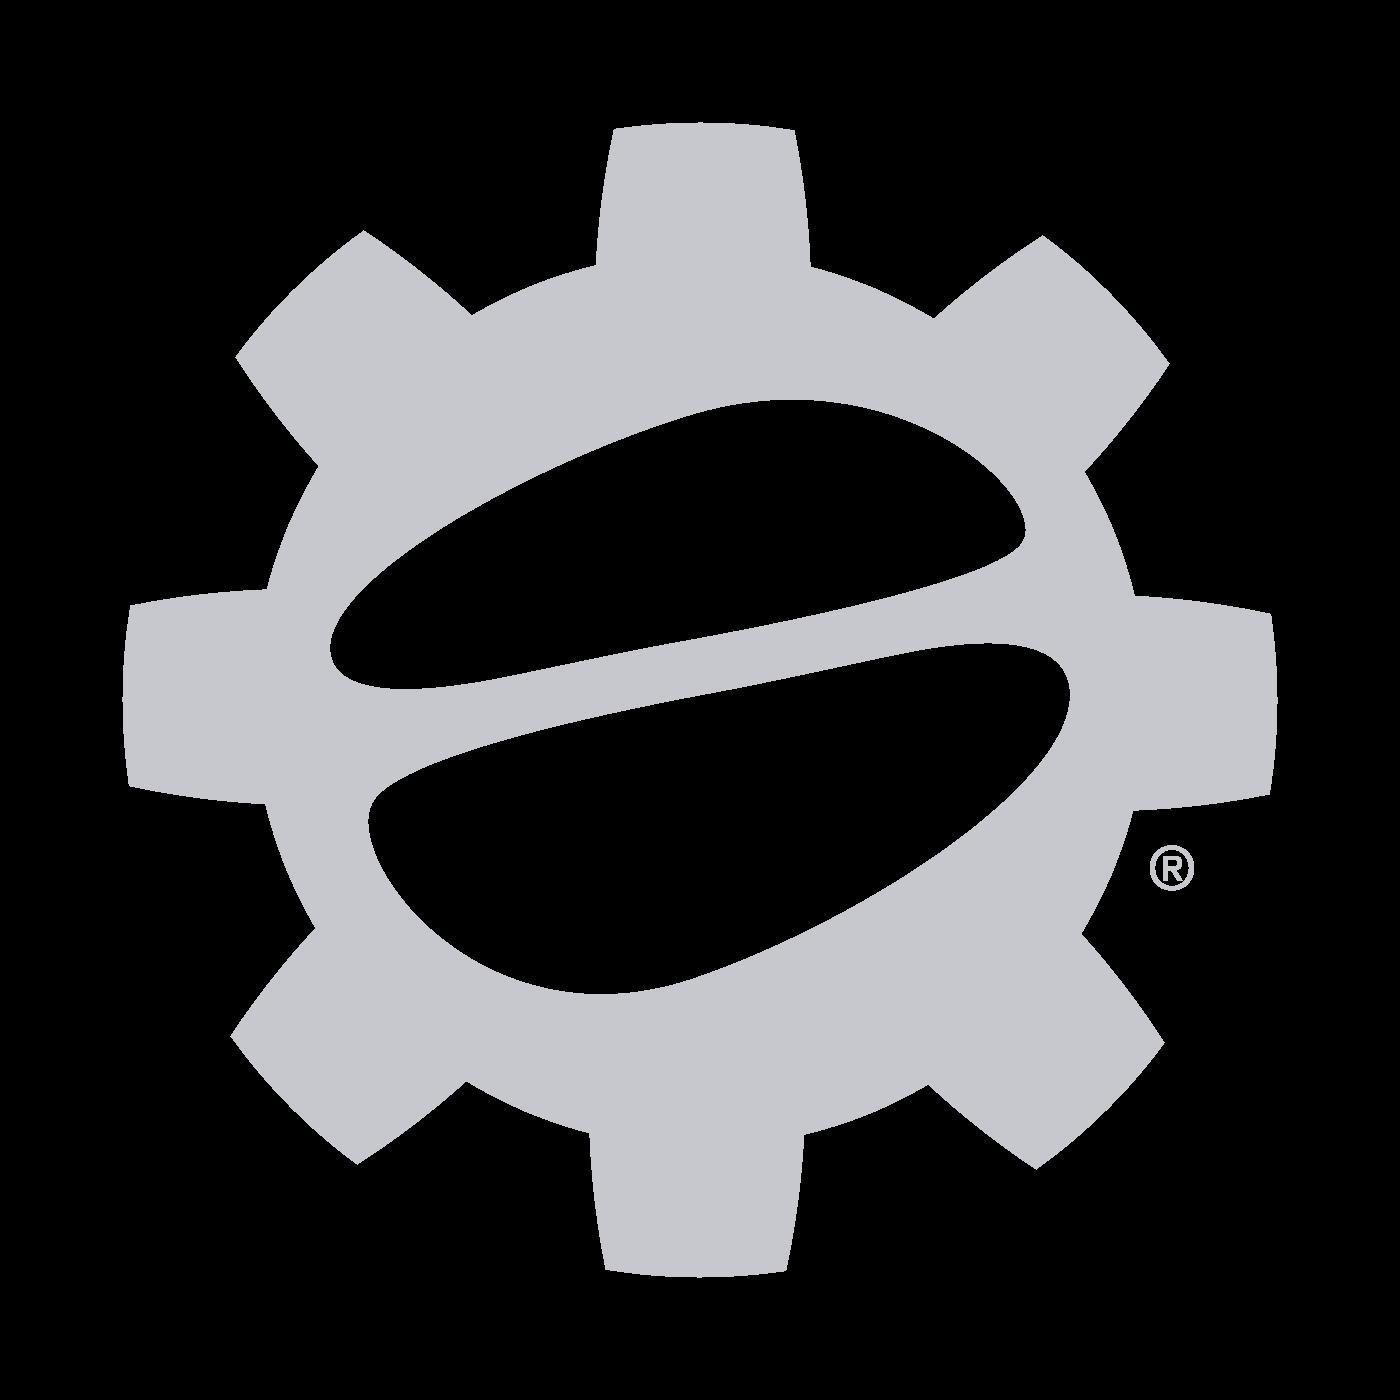 Saeco Intelia Deluxe Cappuccino HD8771/93 Superautomatic Espresso Machine (Certified Refurbished)